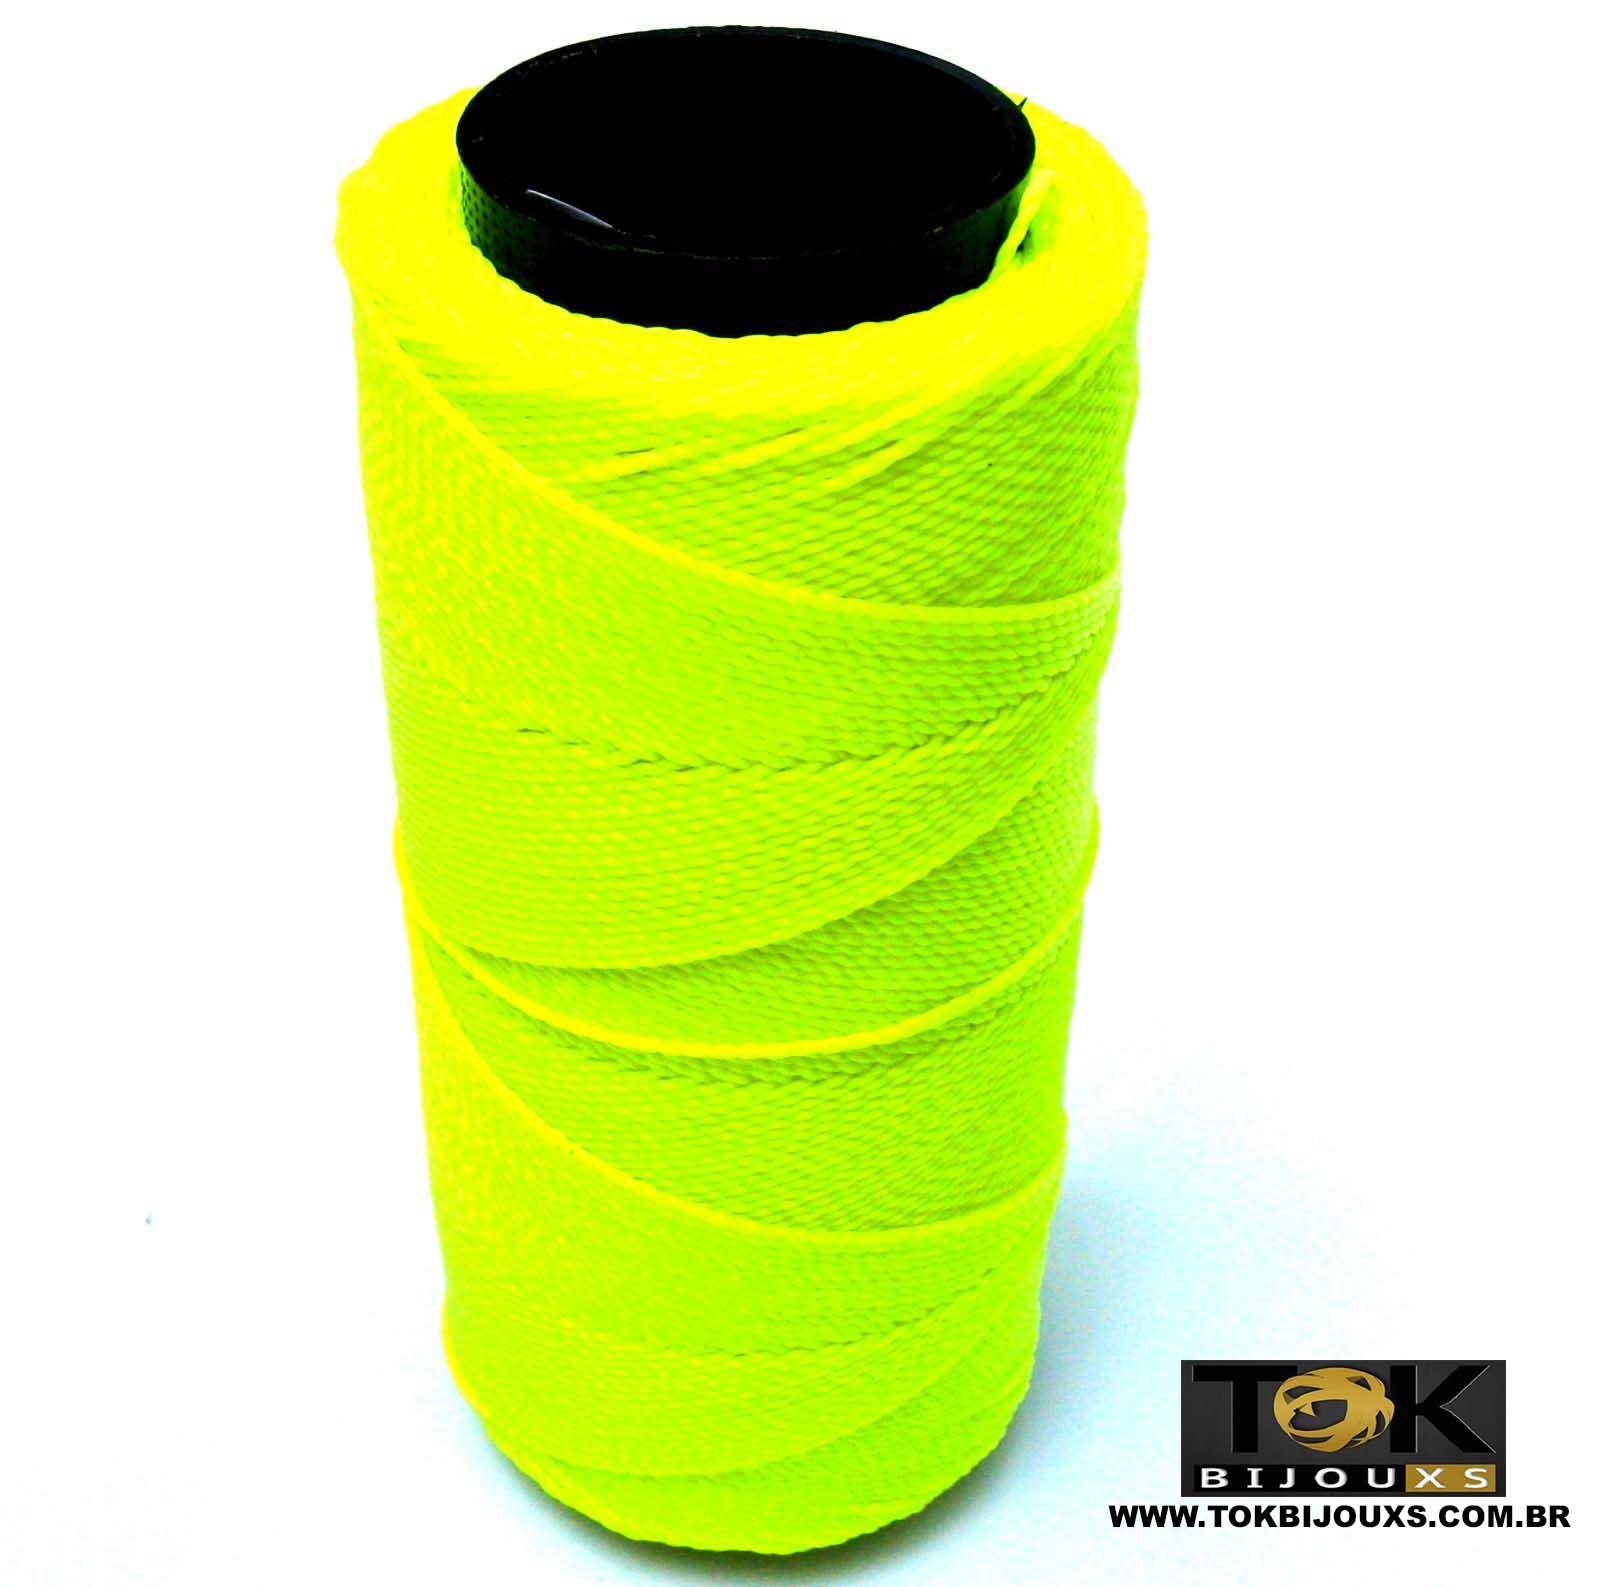 Cordão Encerado Settanyl 100g - Amarelo Cítrico